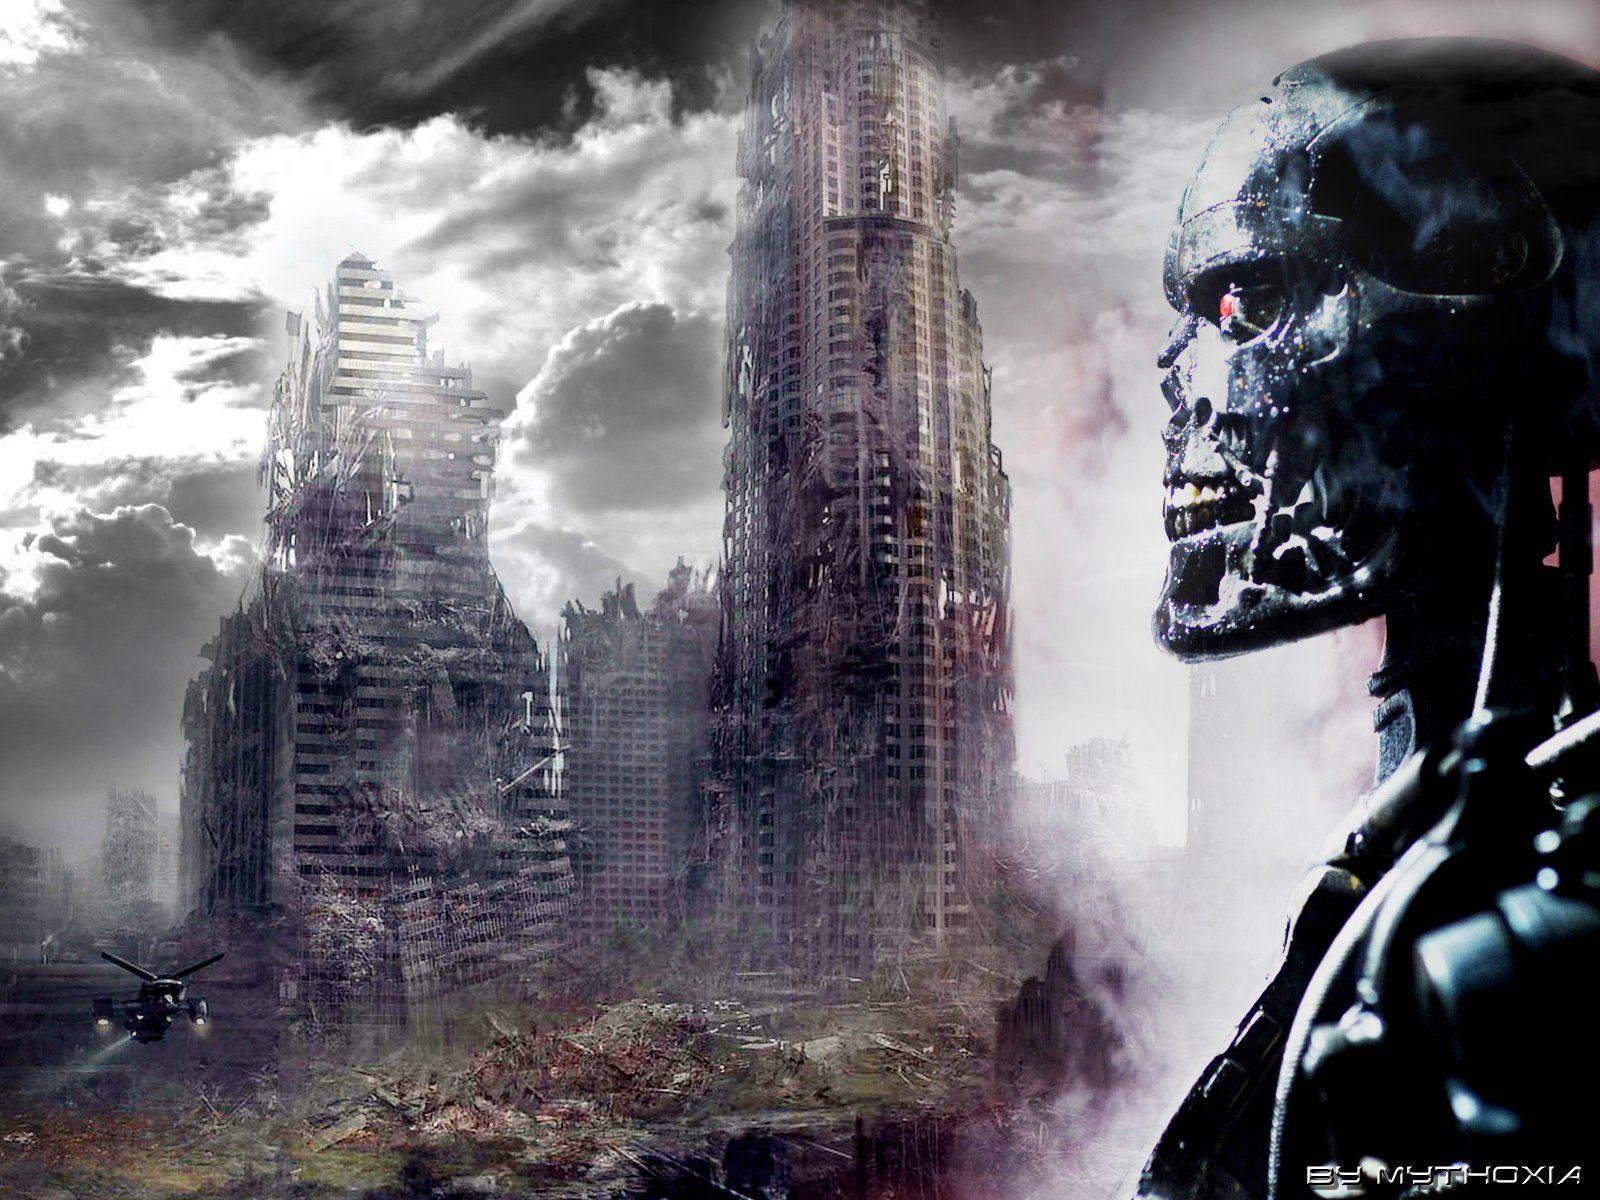 Terminator Salvation Wallpaper Hd - WallpaperSafari